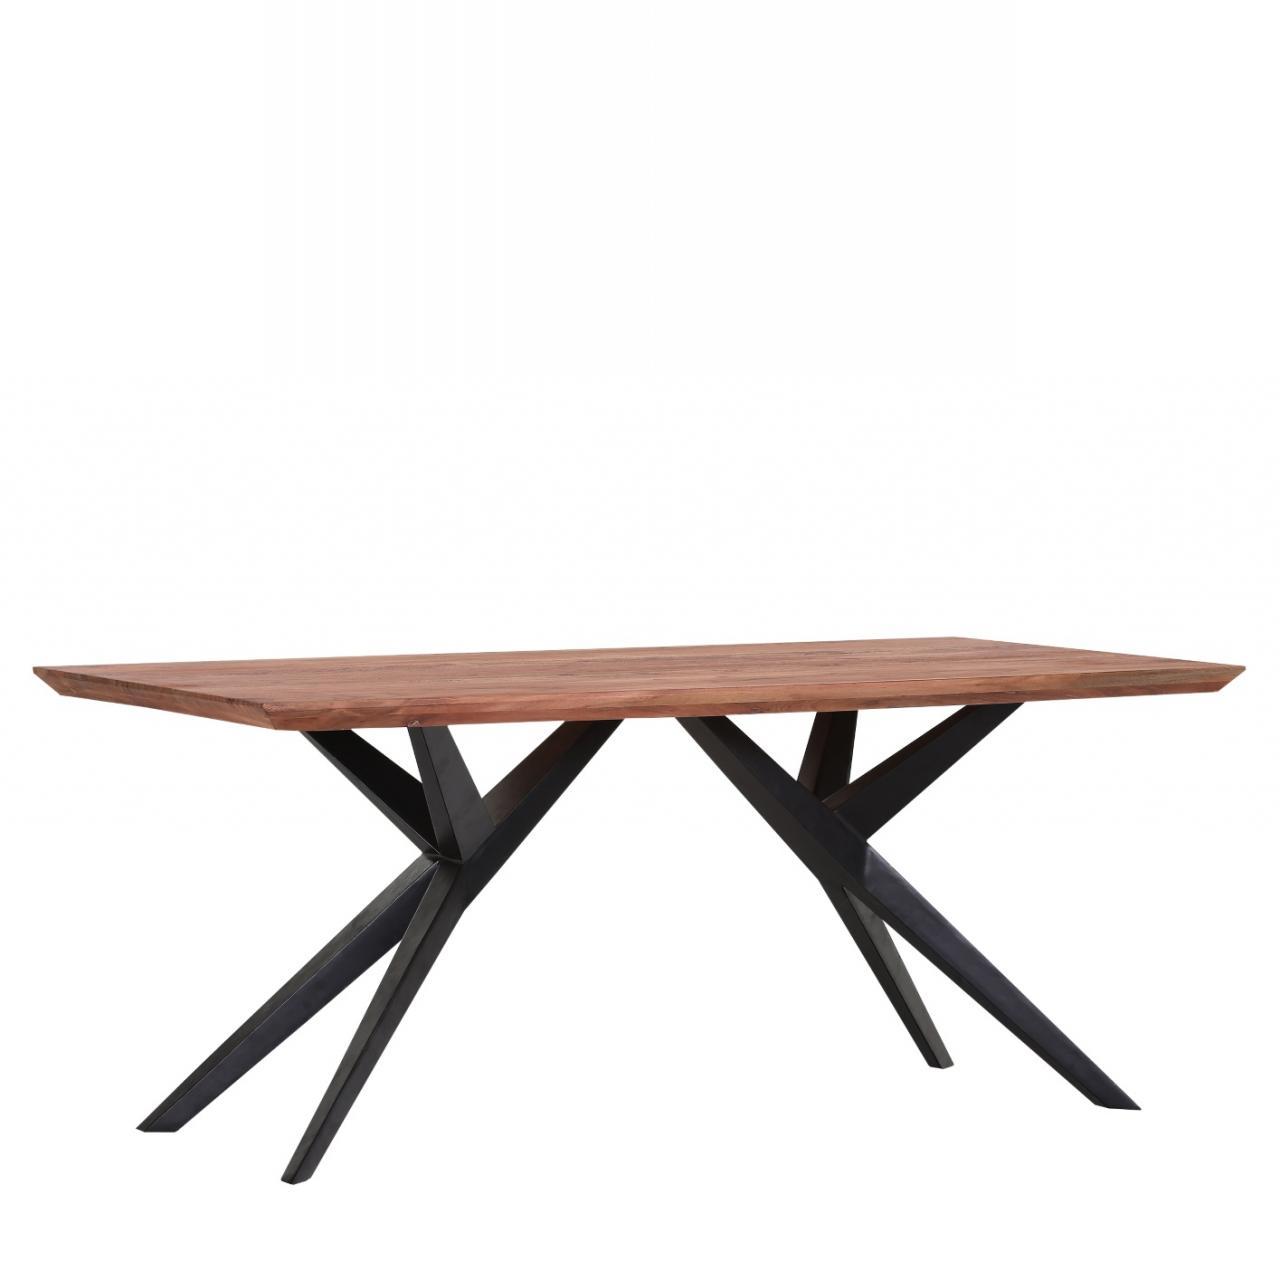 Esstisch Ted Akazie massiv gebeizt lackiert Metall 175x90 cm Küchentisch Tisch